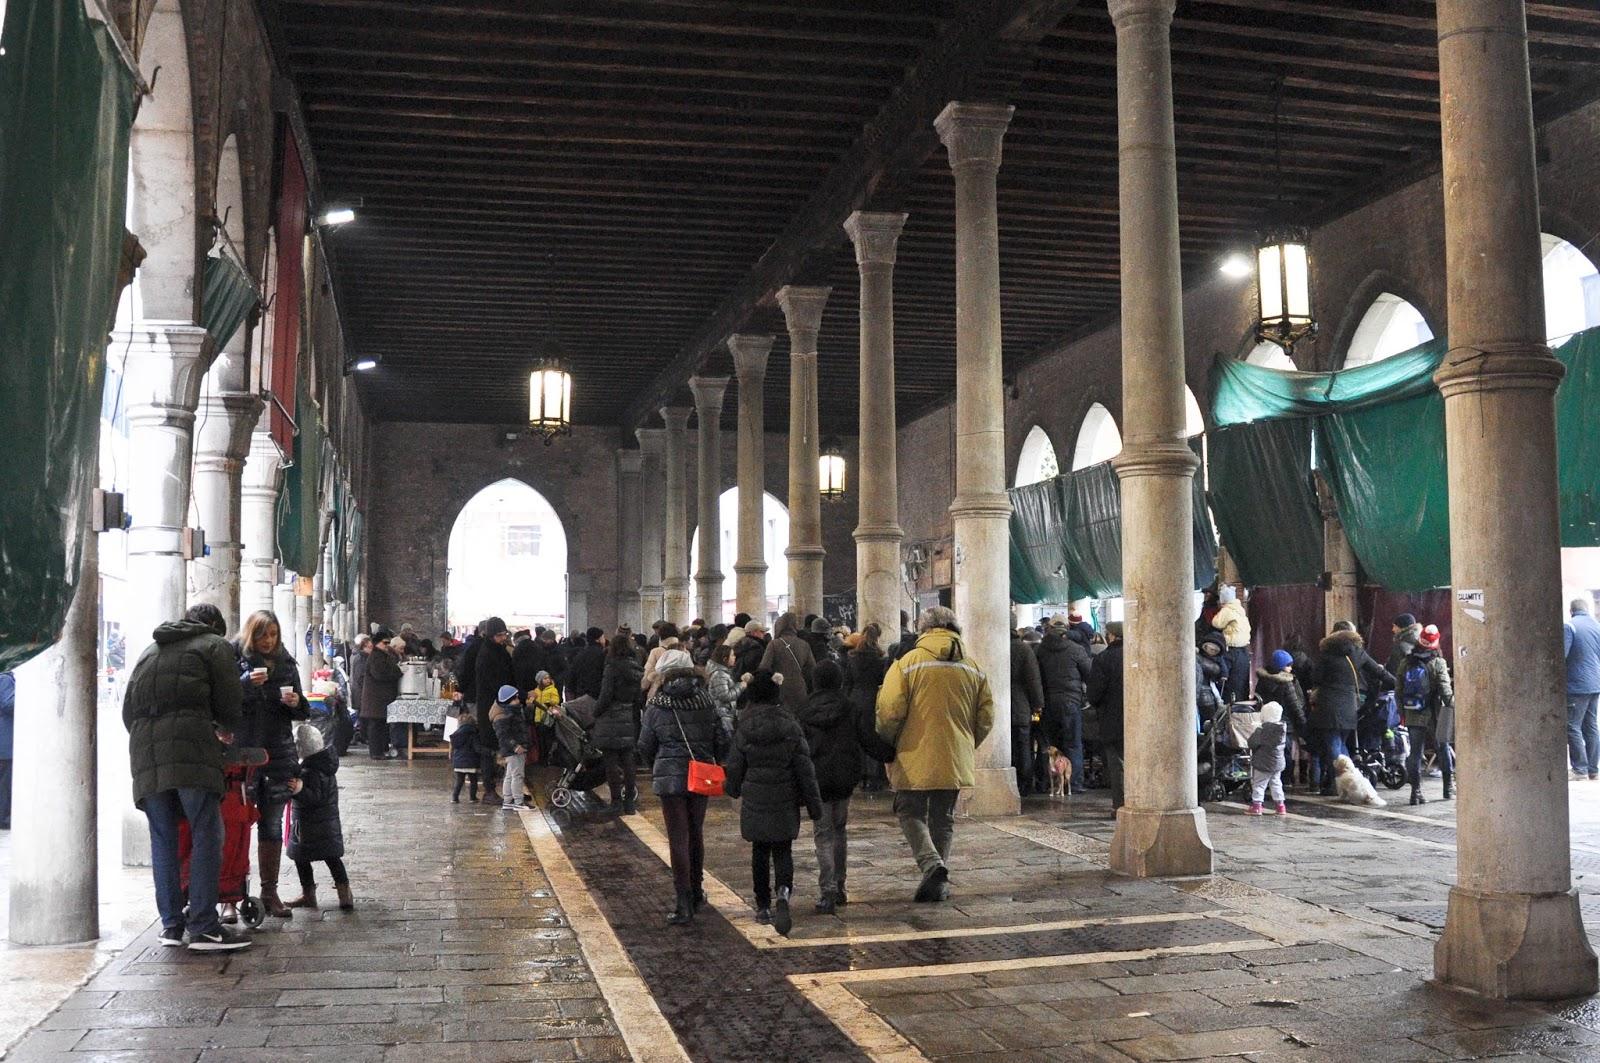 Befana celebration, The fish market, Venice, Italy